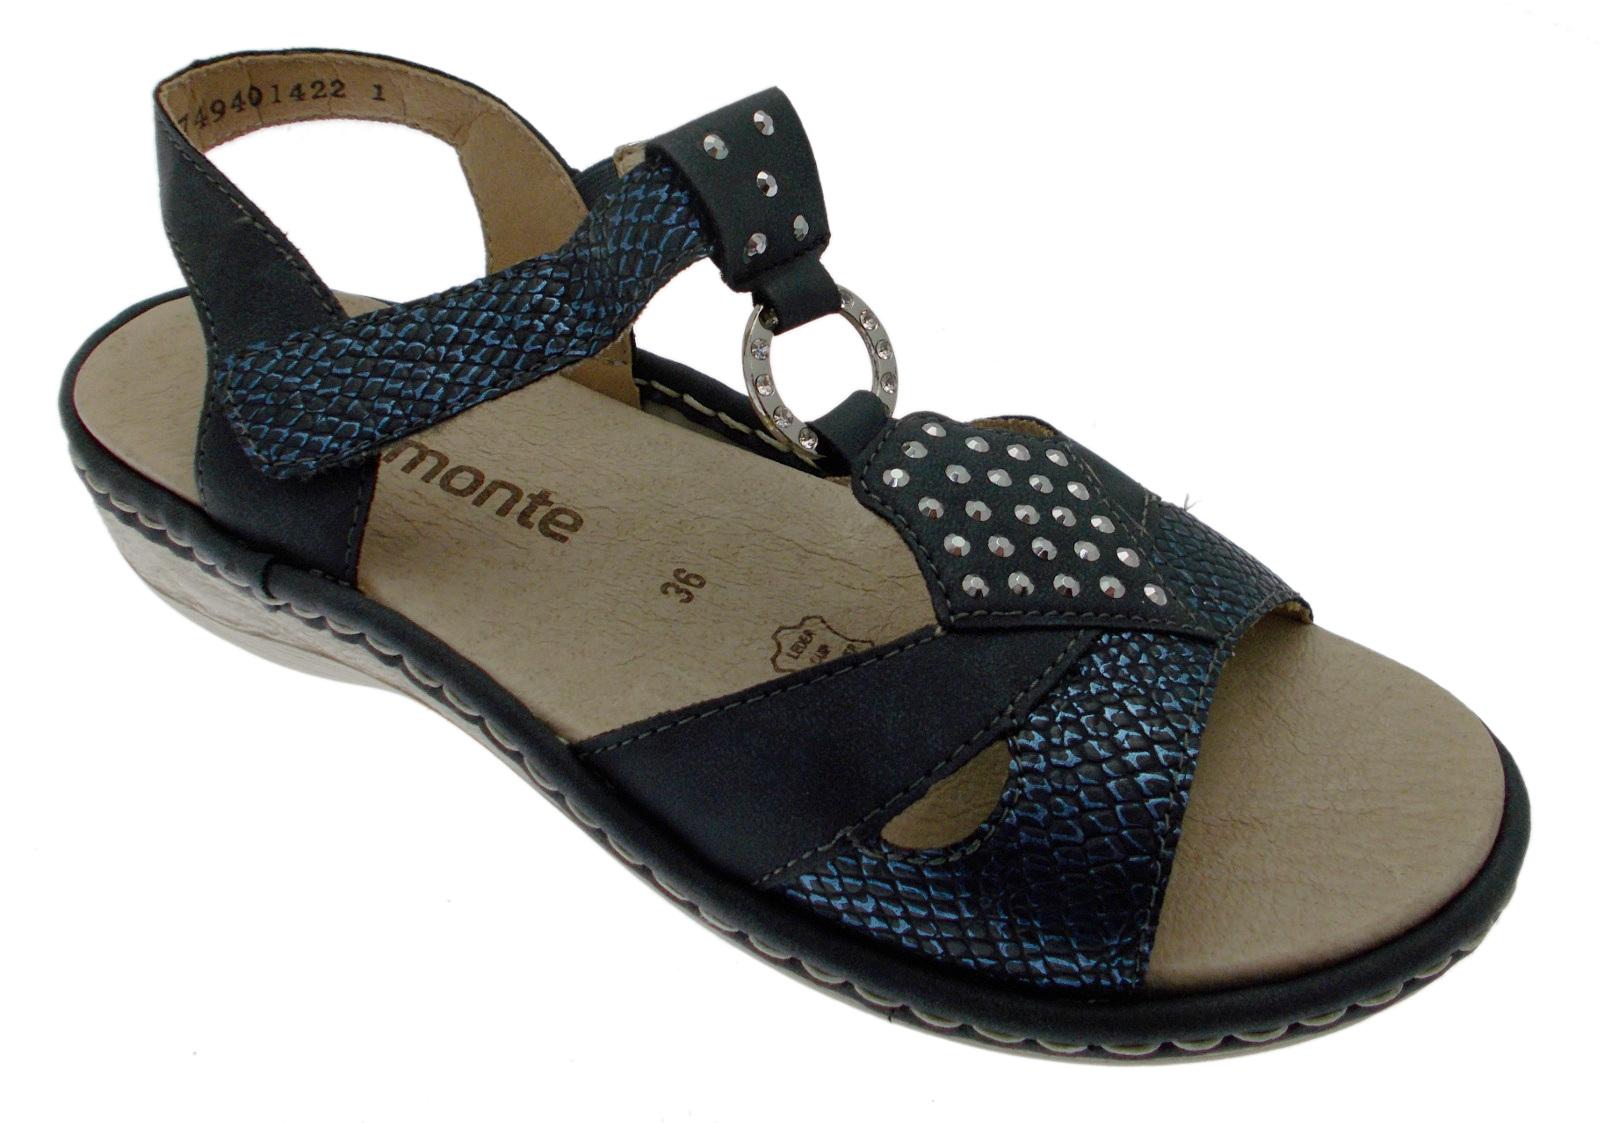 D7668-14 sandaal blauw blauw blauw zacht geheugen voor vrouw Remonte  | Viele Sorten  | Zuverlässiger Ruf  db46f2